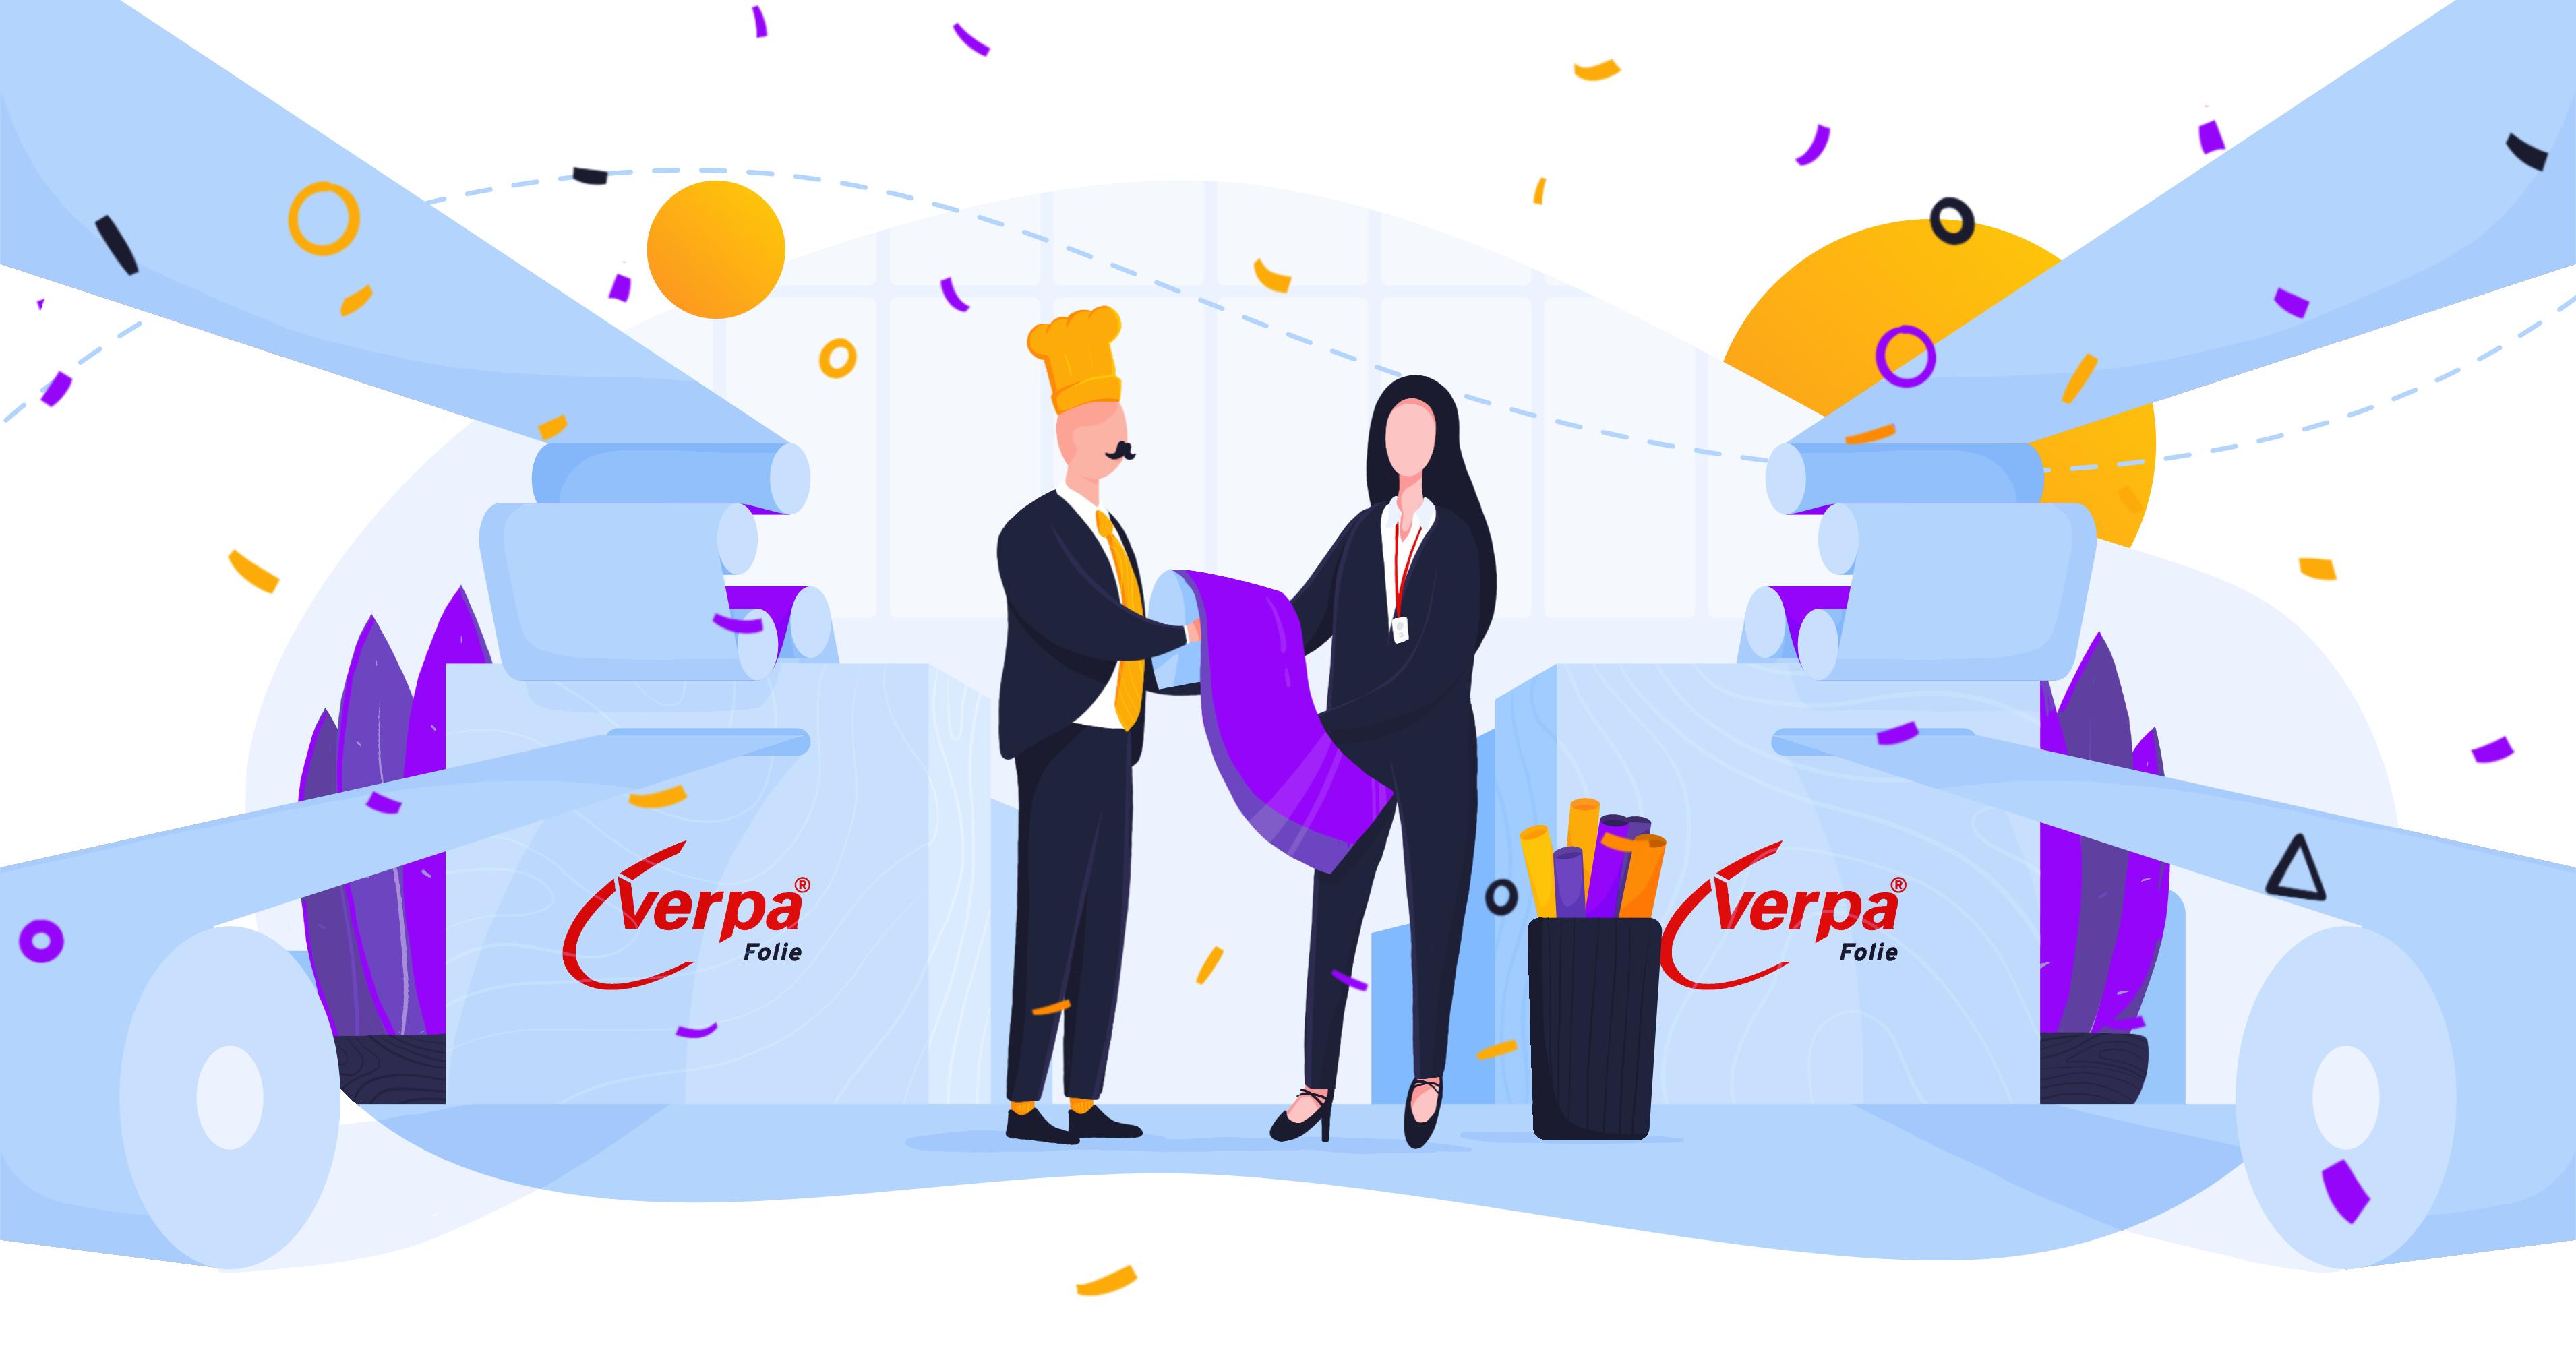 Historie klientow smartlunch: Verpa Folie. SmartLunch jako atrakcyjny benefit dla firmy poza miastem